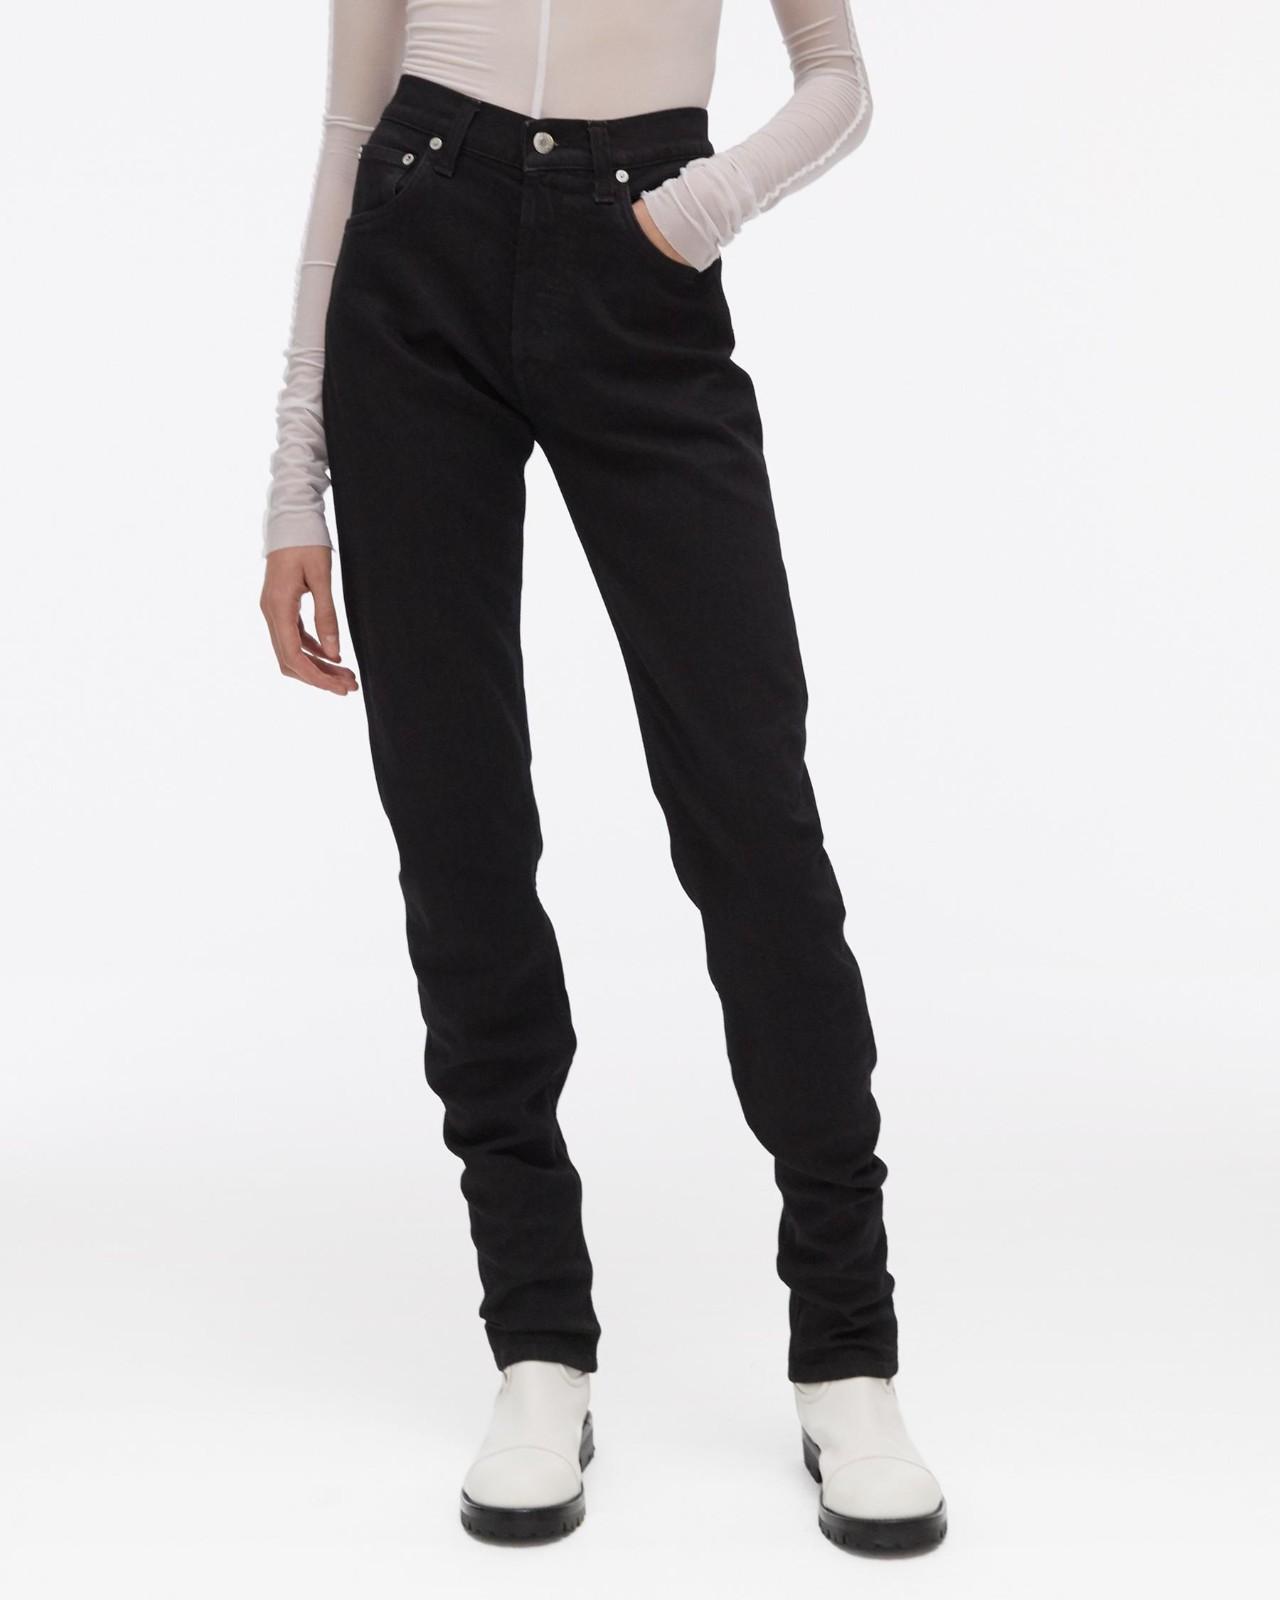 直筒高腰牛仔裤